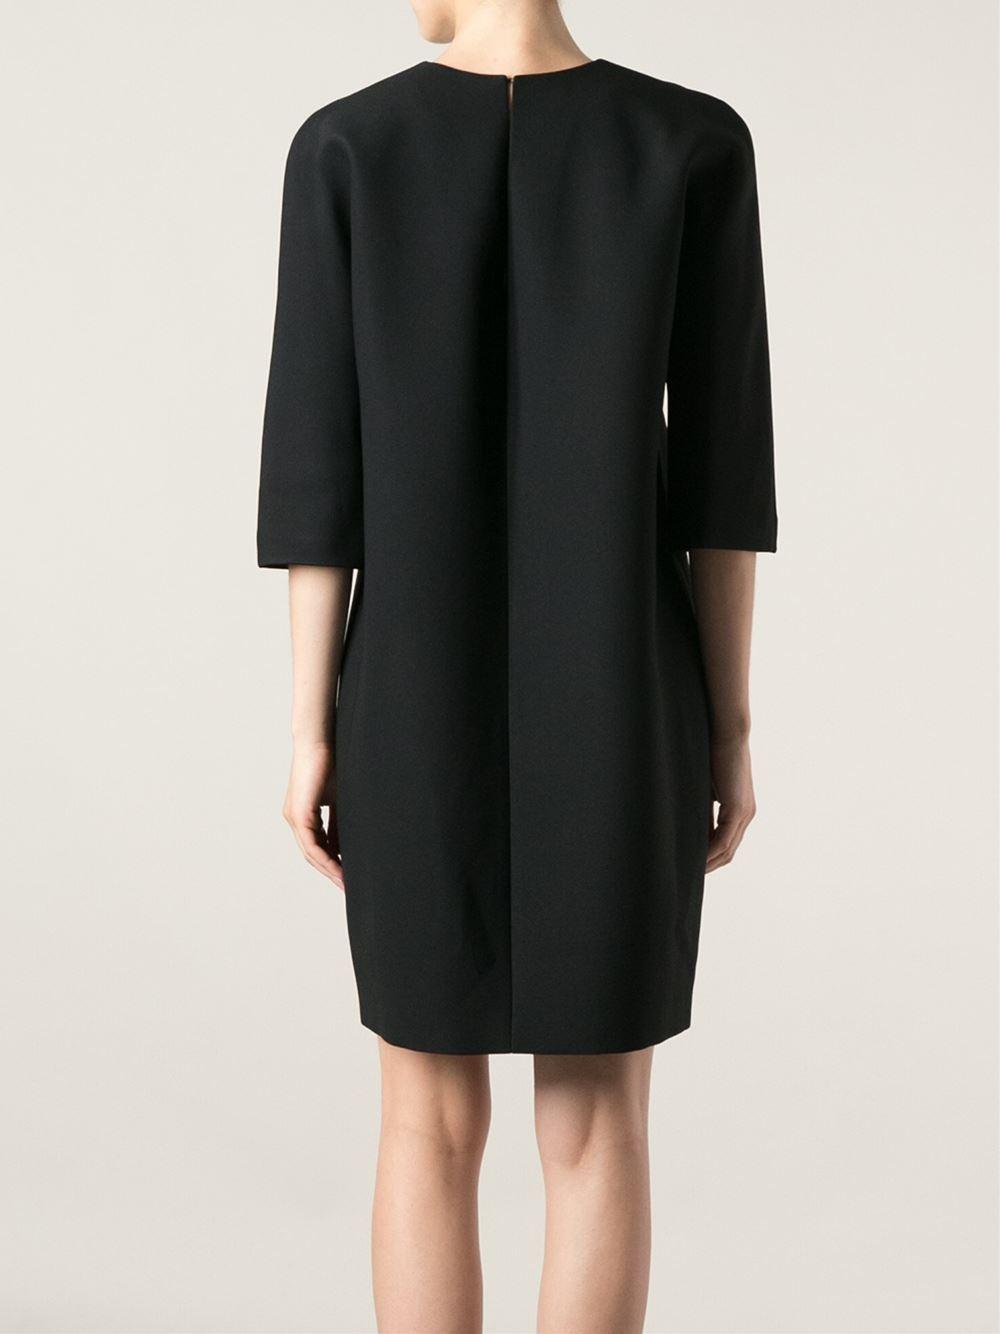 Lyst Victoria Beckham Chain Collar Dress In Black